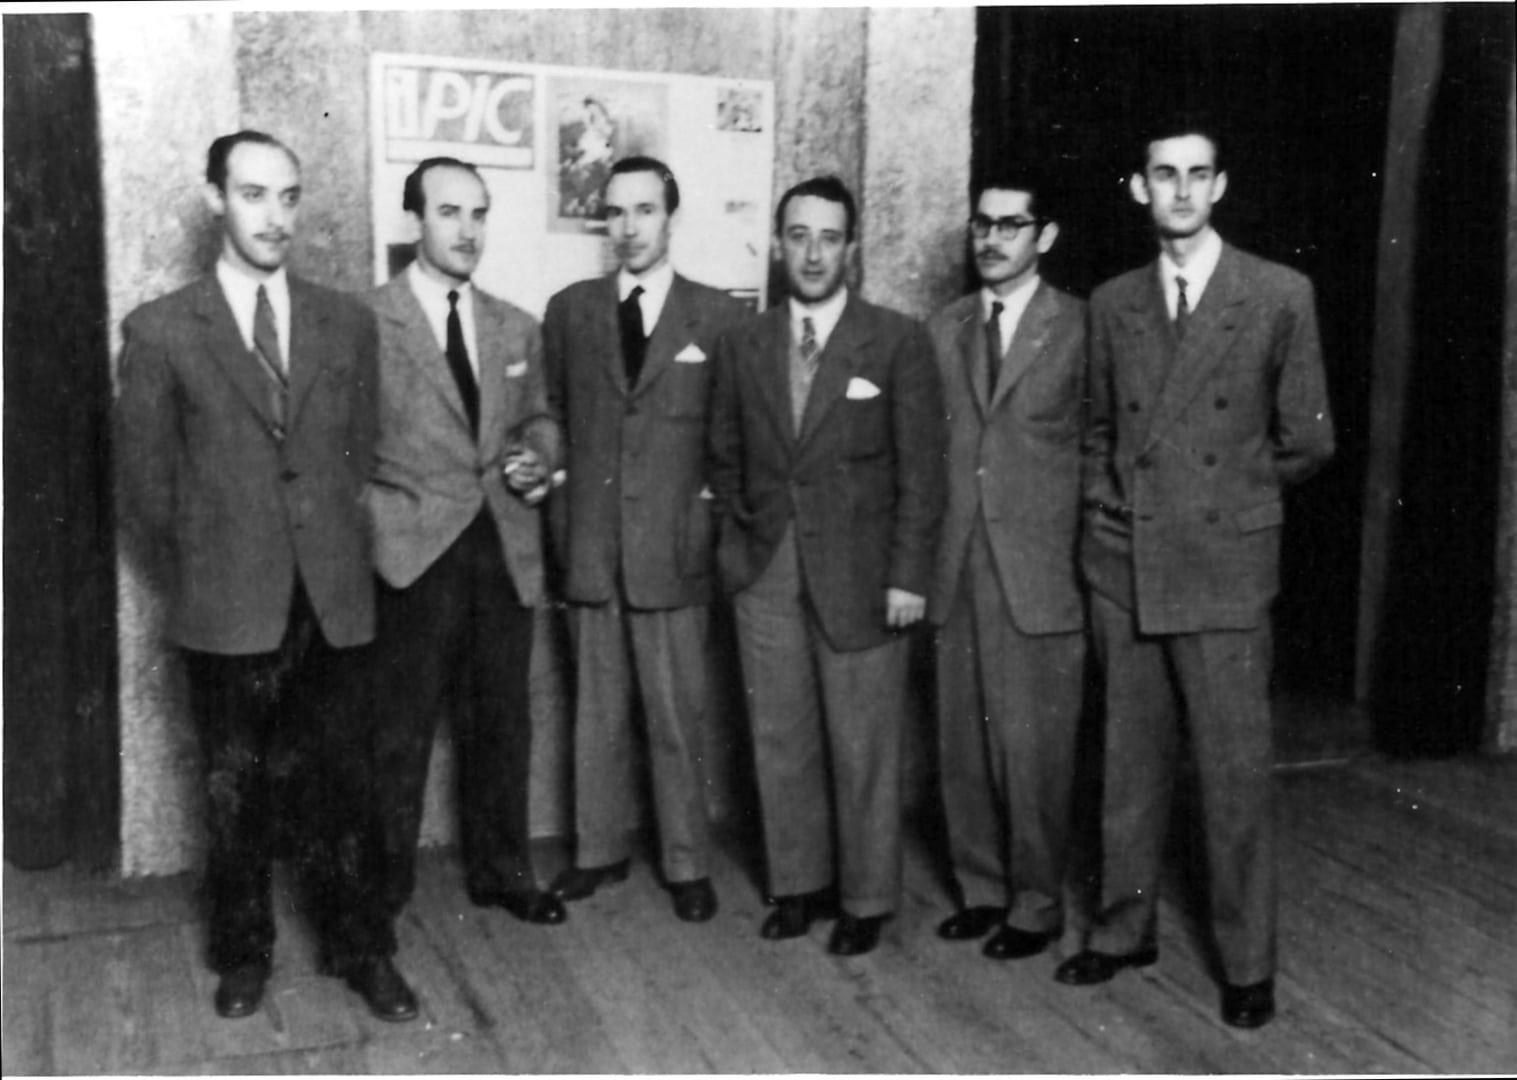 La exposición 'Obras de Don Alfredo Reyes Darias pertenecientes a la colección privada de Don Antonio Arencibia', hasta el día 17 en el Museo de la Historia